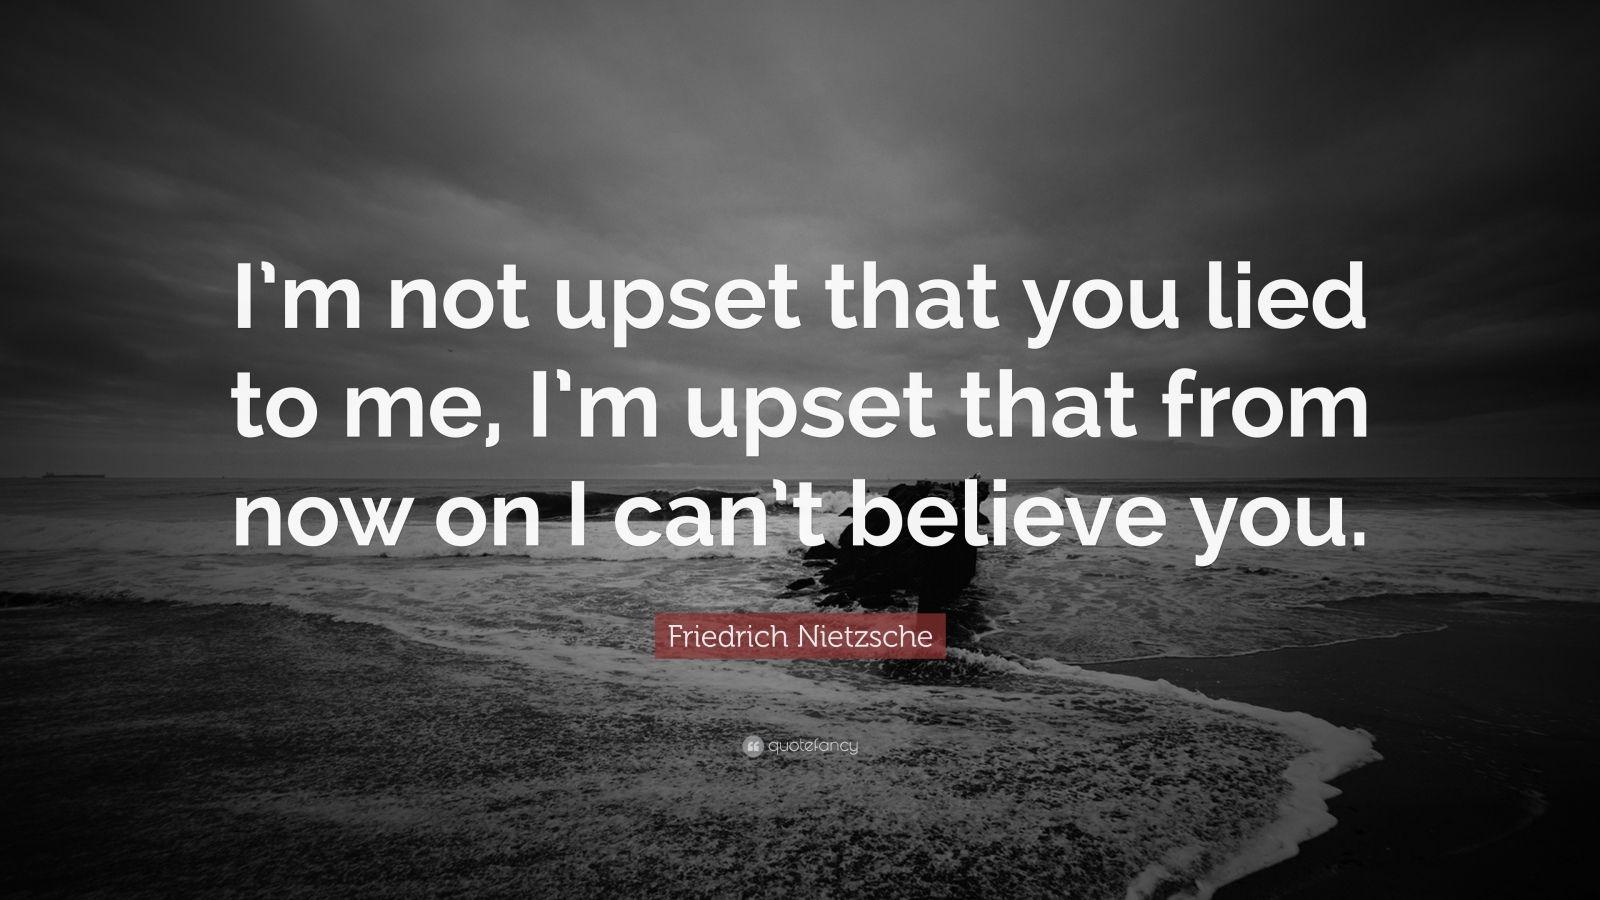 Friedrich Nietzsche Quote: Im not upset that you lied to